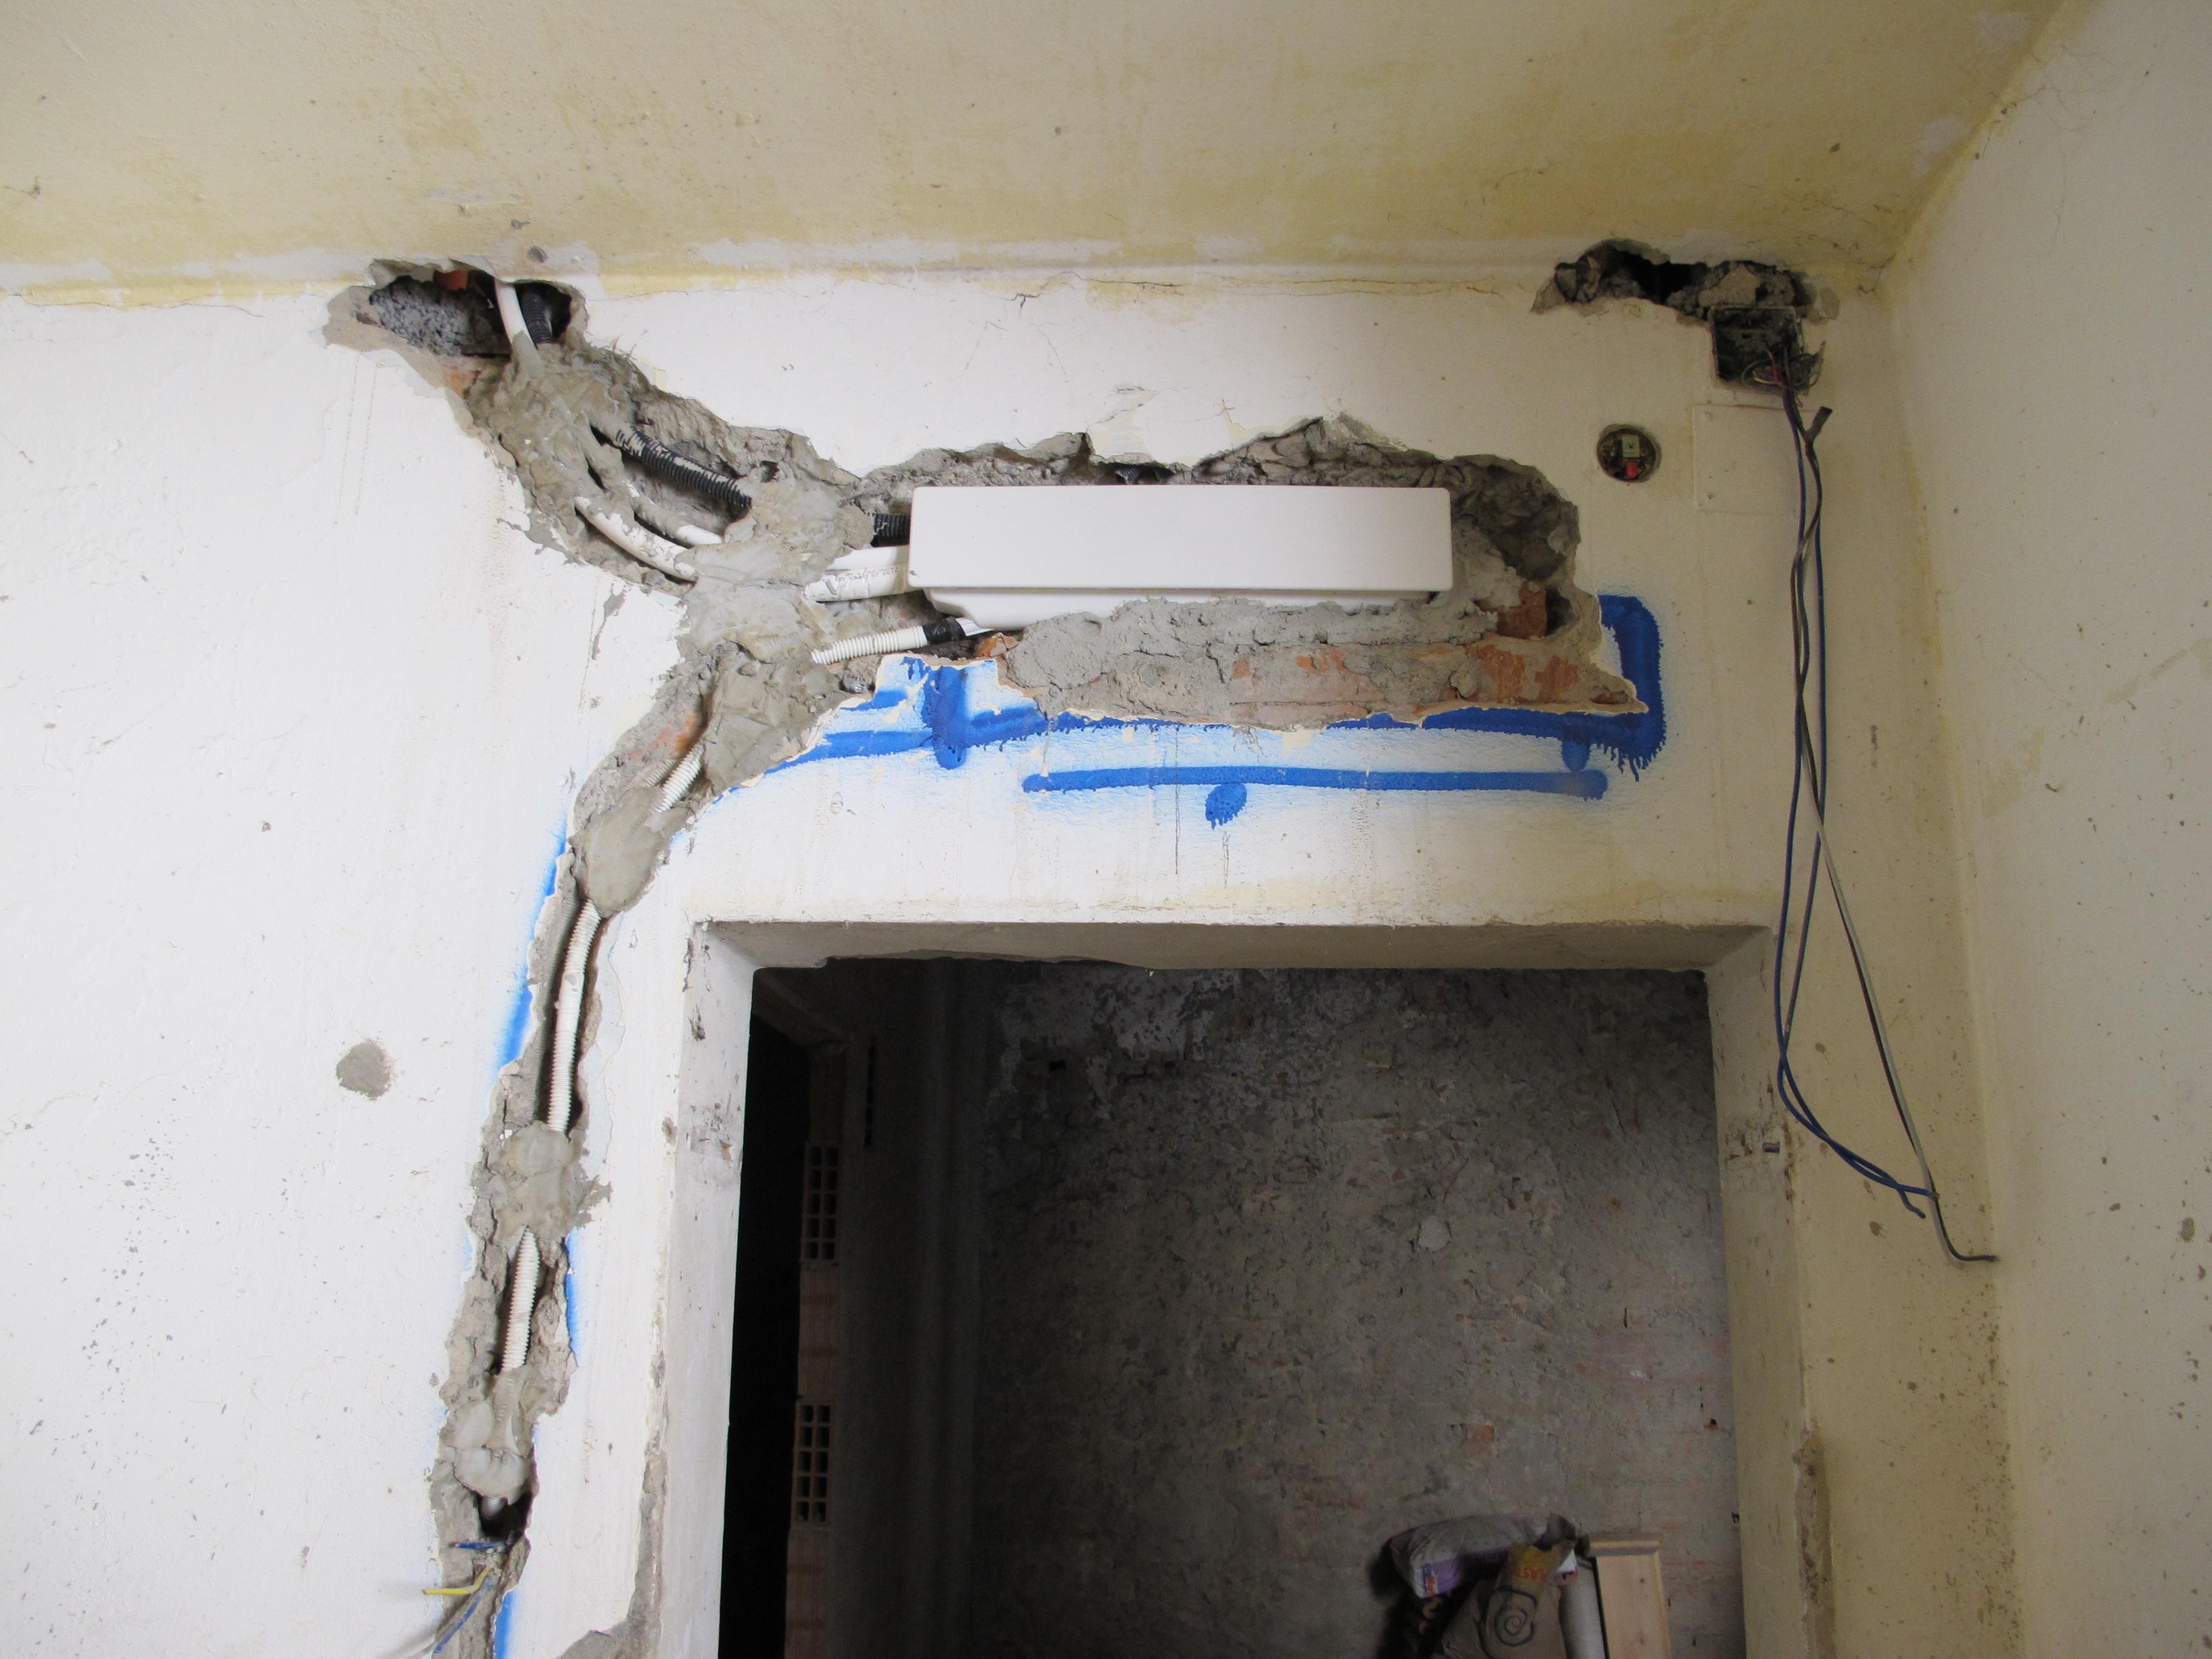 Aerazione forzata predisposizione impianto di condizionamento - Costo impianto idraulico casa 100 mq ...